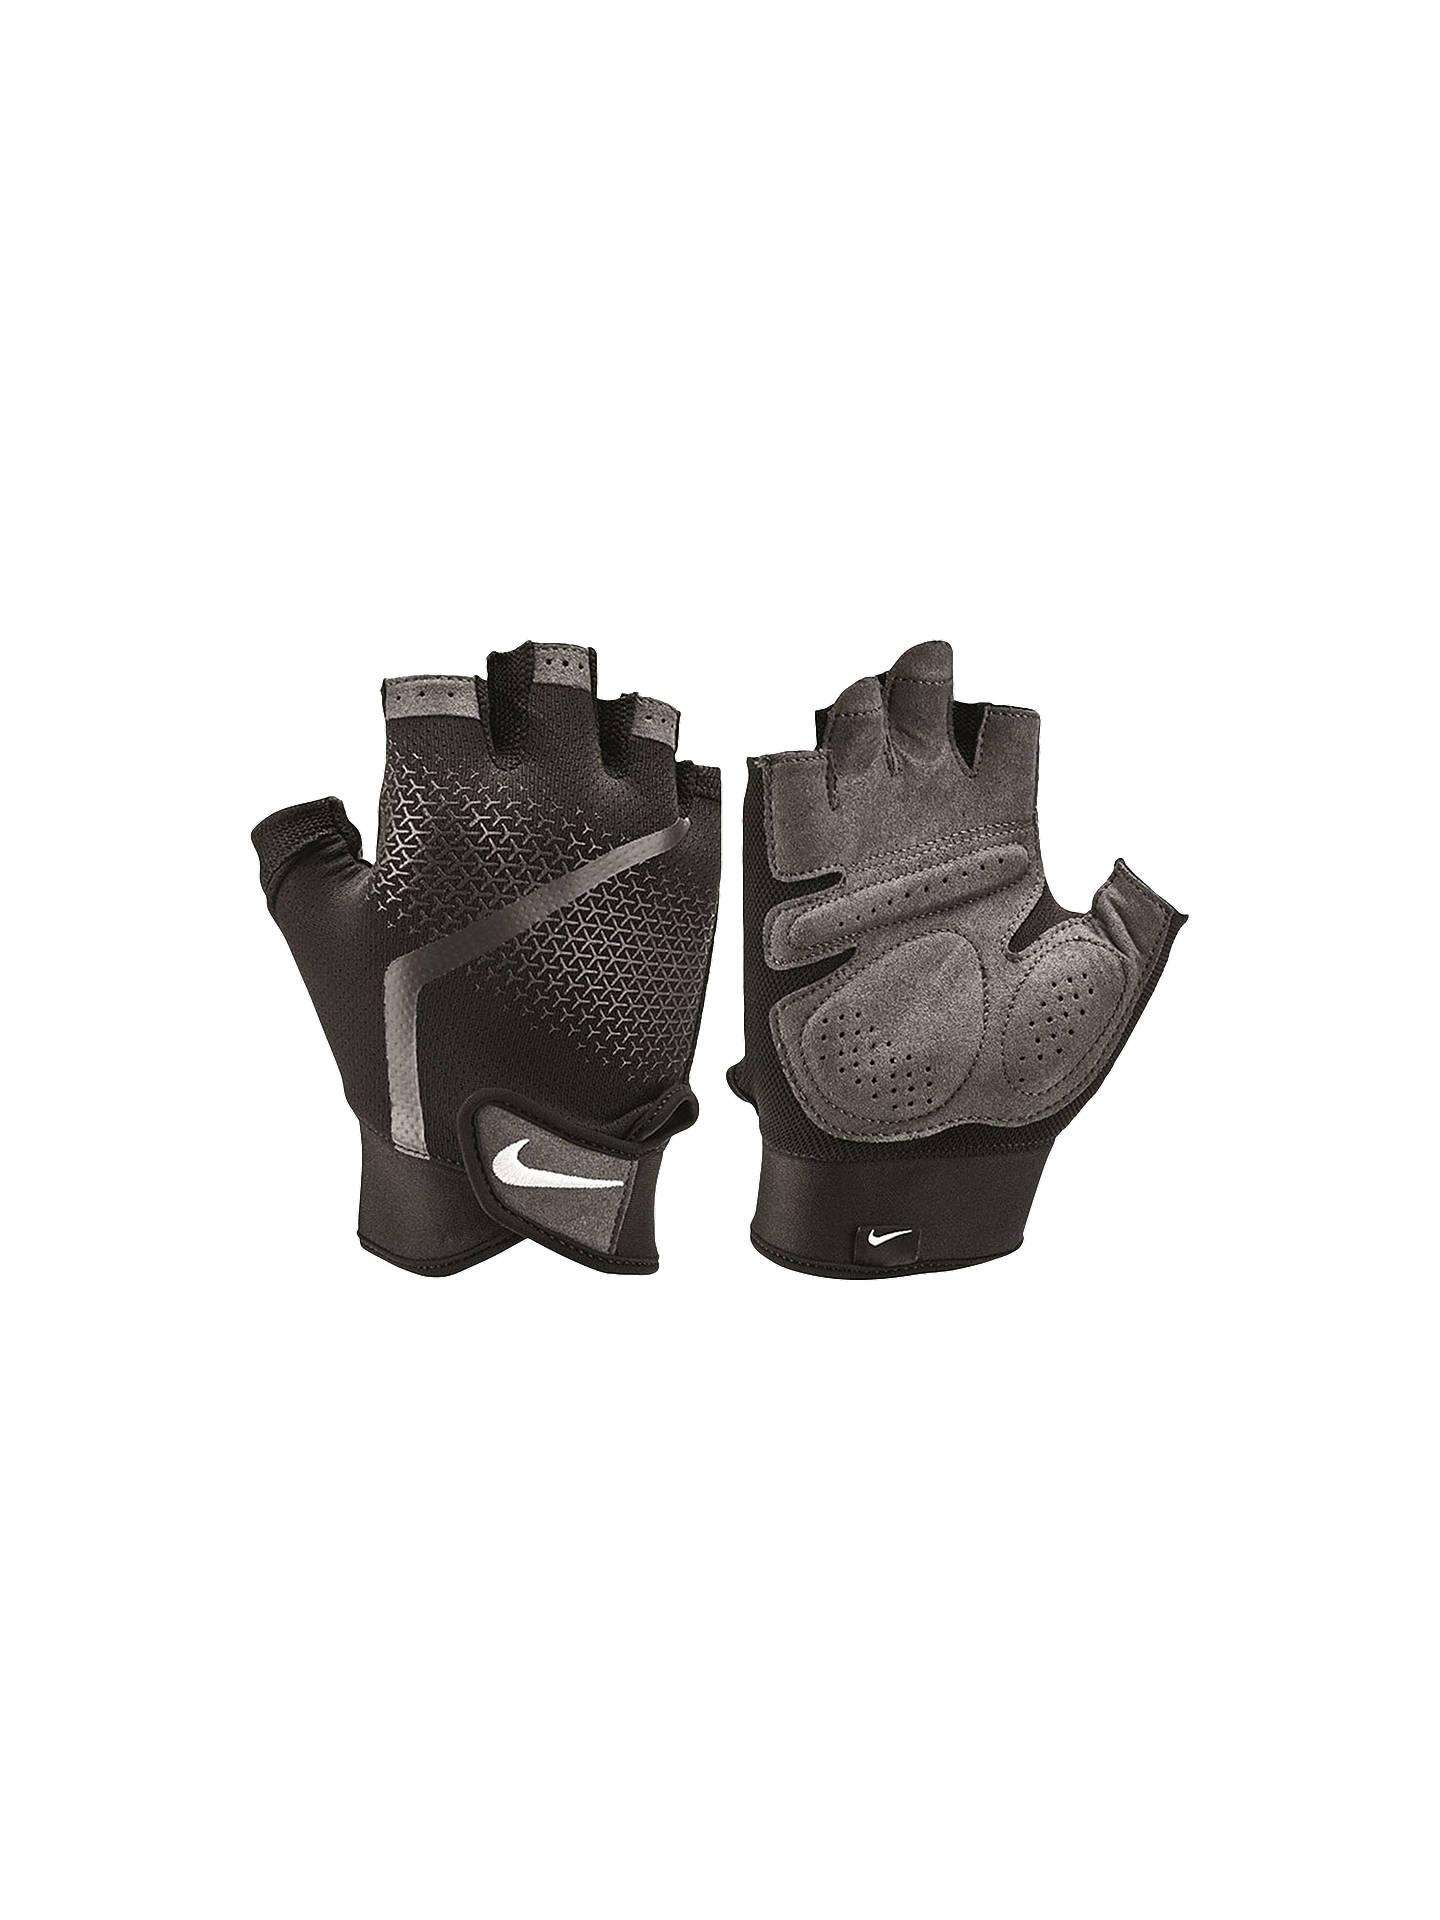 c1368d047f Buy Nike Extreme Fitness Training Gloves, Black/Volt/White, M Online at ...